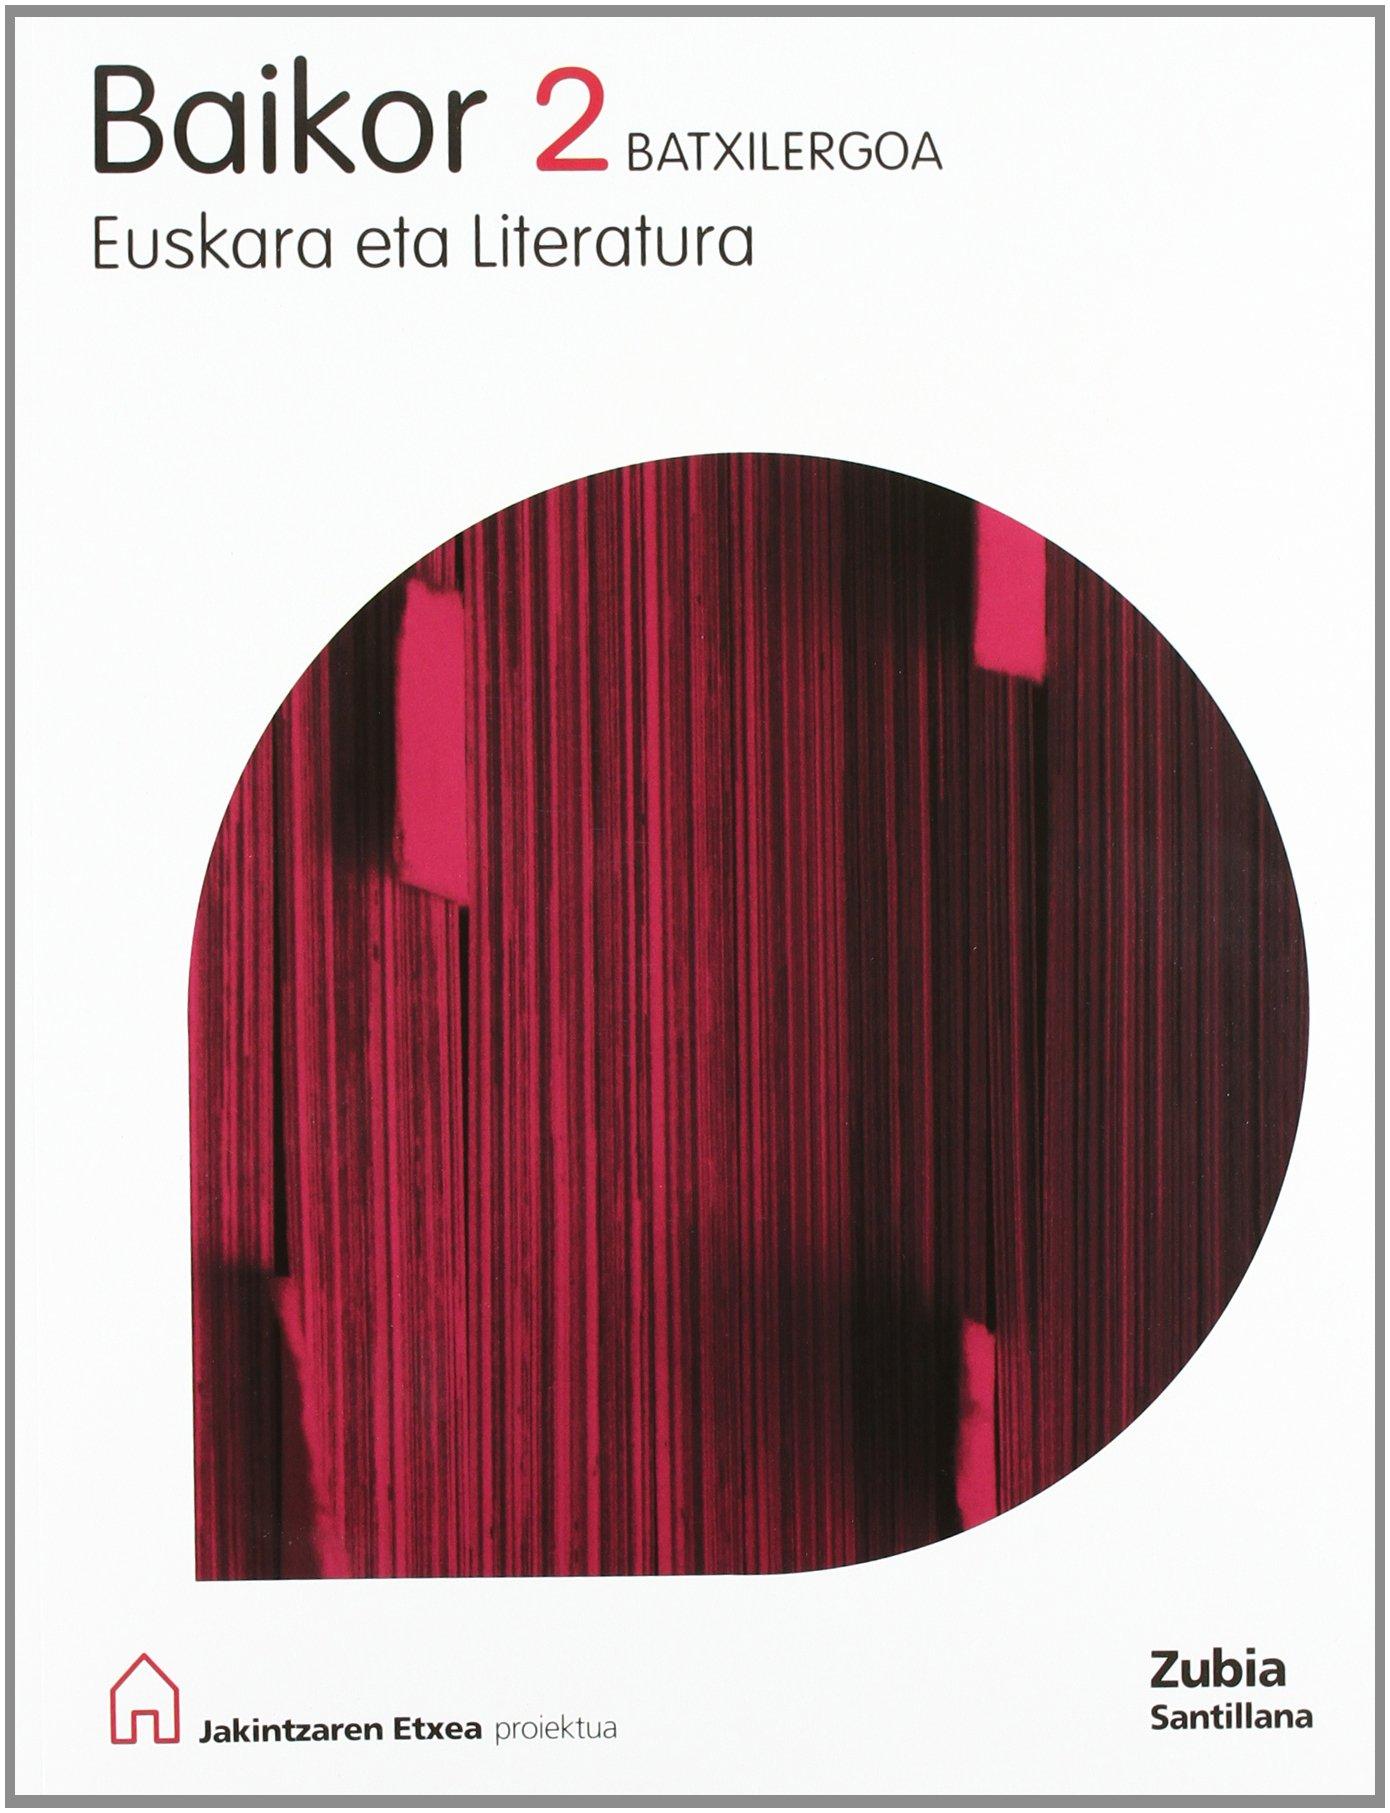 Baikor 2 Batxilergoa Euskara Eta Literatura Jakintzaren Etxea Esukera Zubia - 9788481478242: Amazon.es: Batzuk: Libros